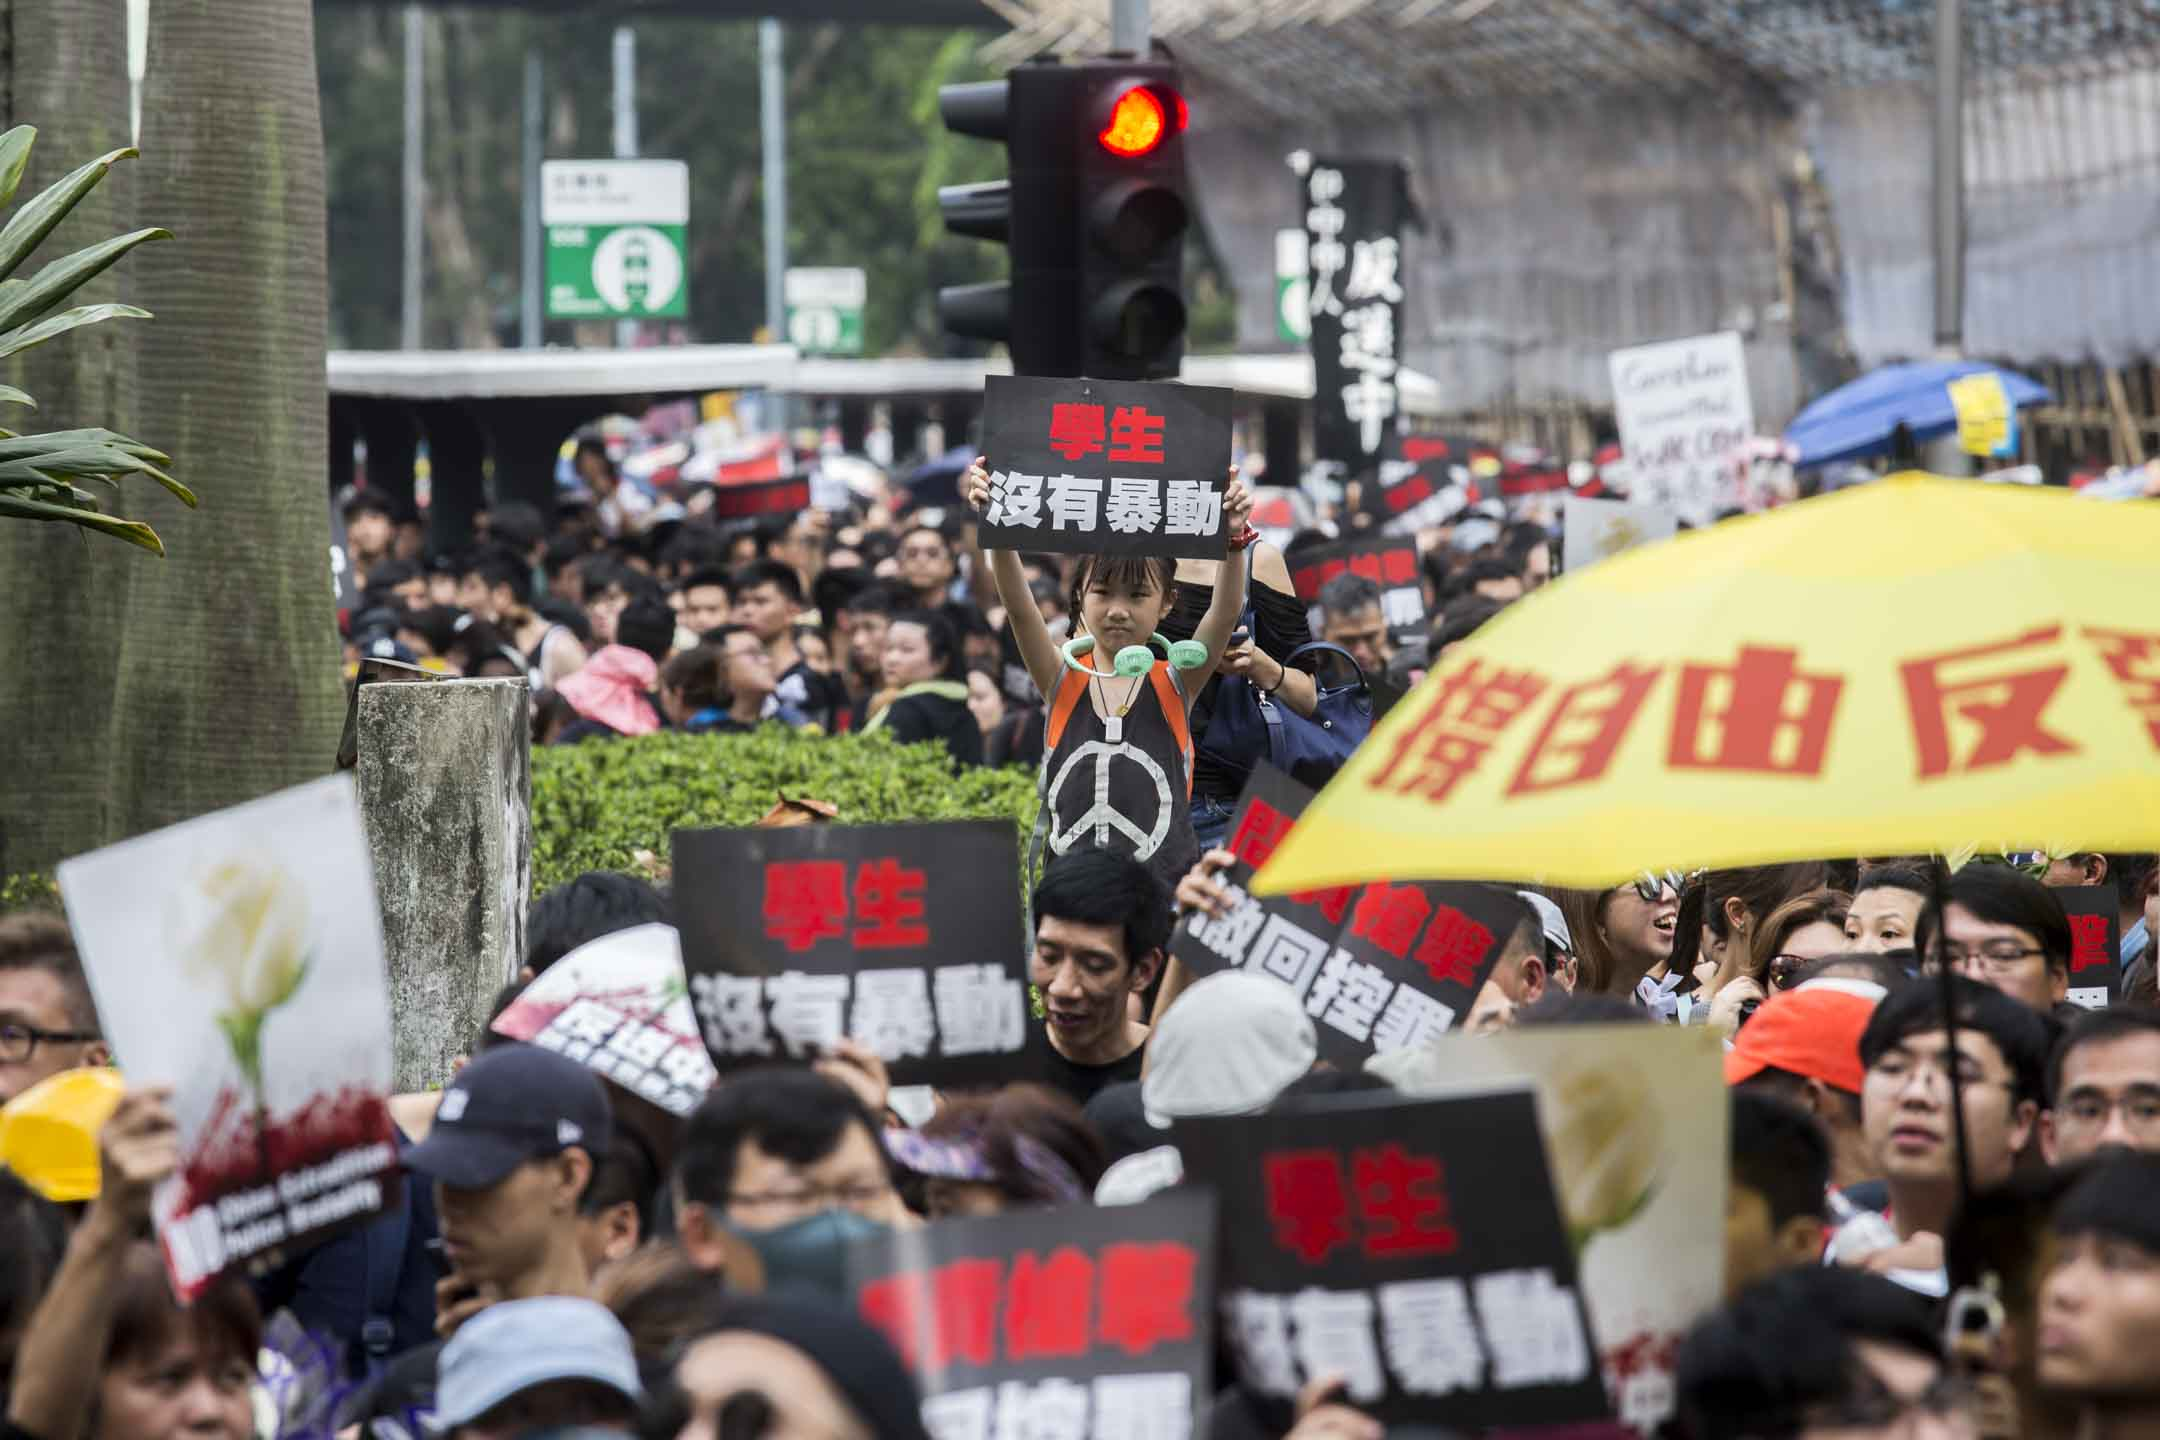 2019年6月16日,民陣發起遊行反對修訂《逃犯條例》。